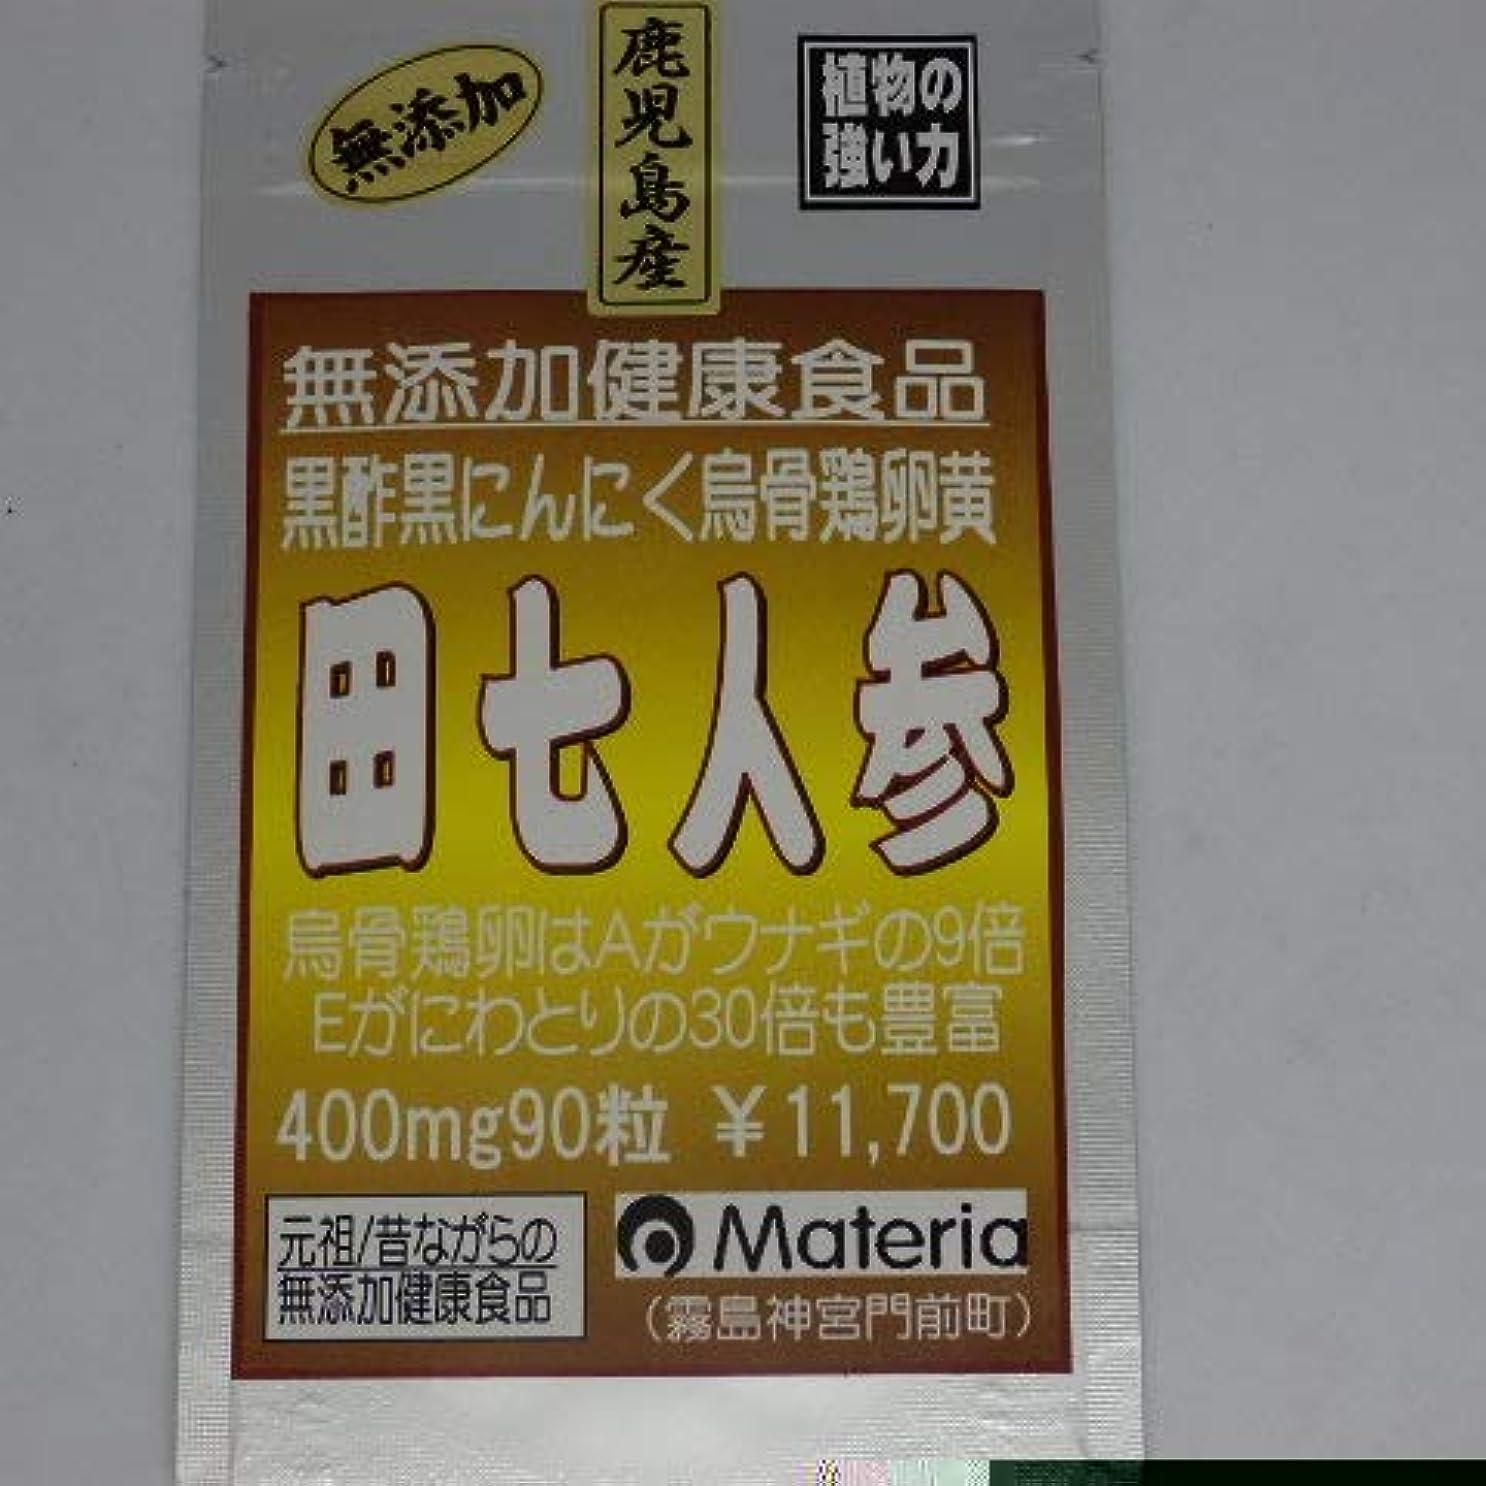 思春期確かな早い黒酢黒にんにく烏骨鶏卵黄/田七人参(90粒)90日分¥11,700